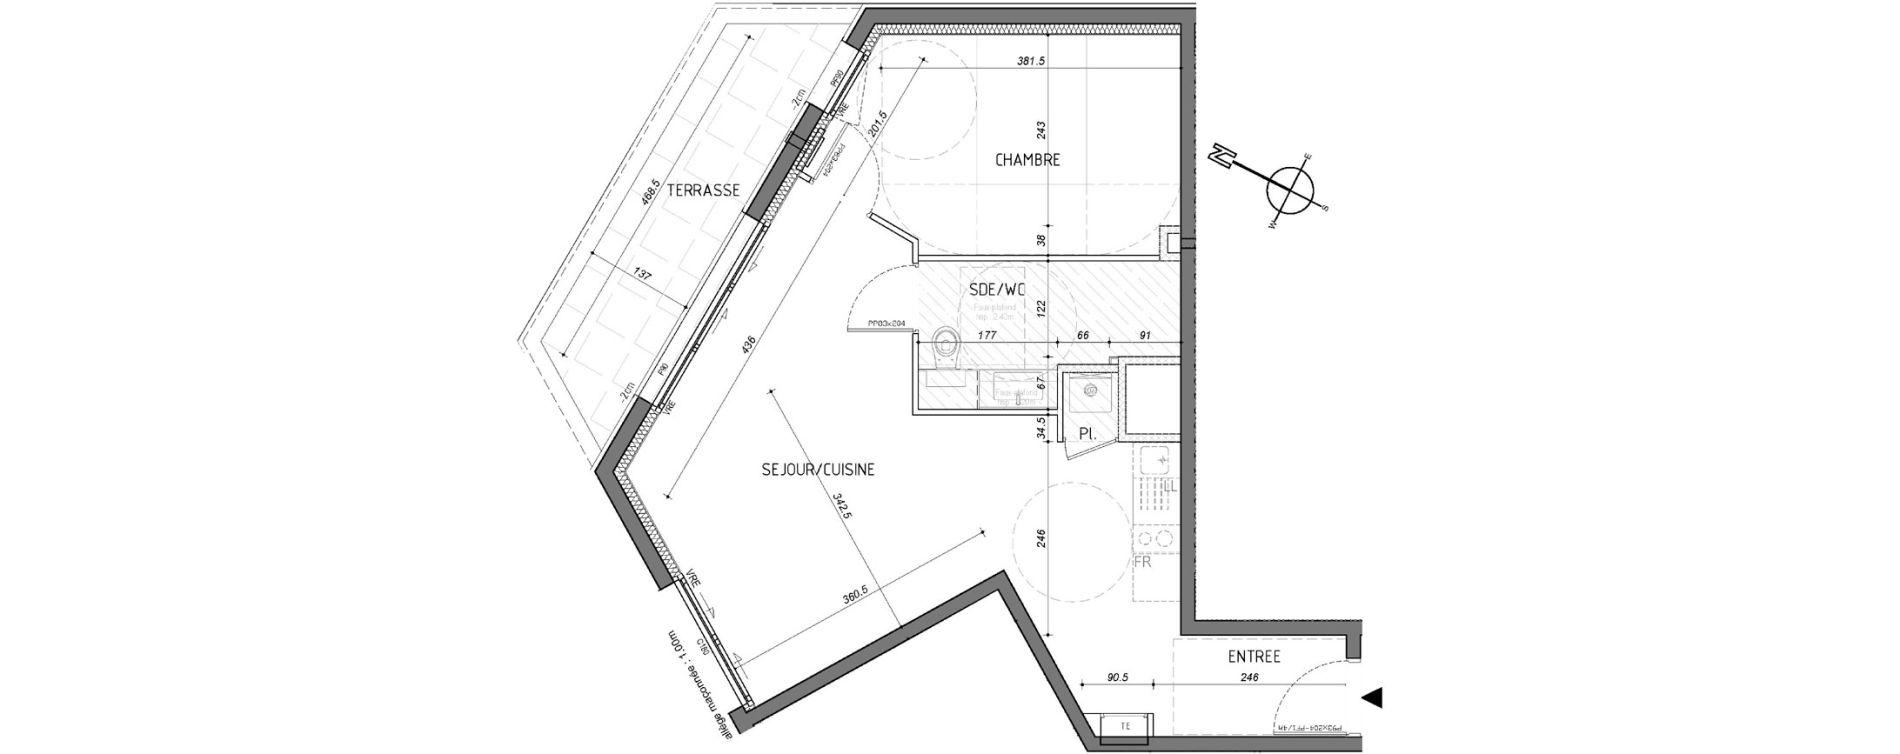 Appartement T2 de 46,54 m2 à Rennes Saint-martin